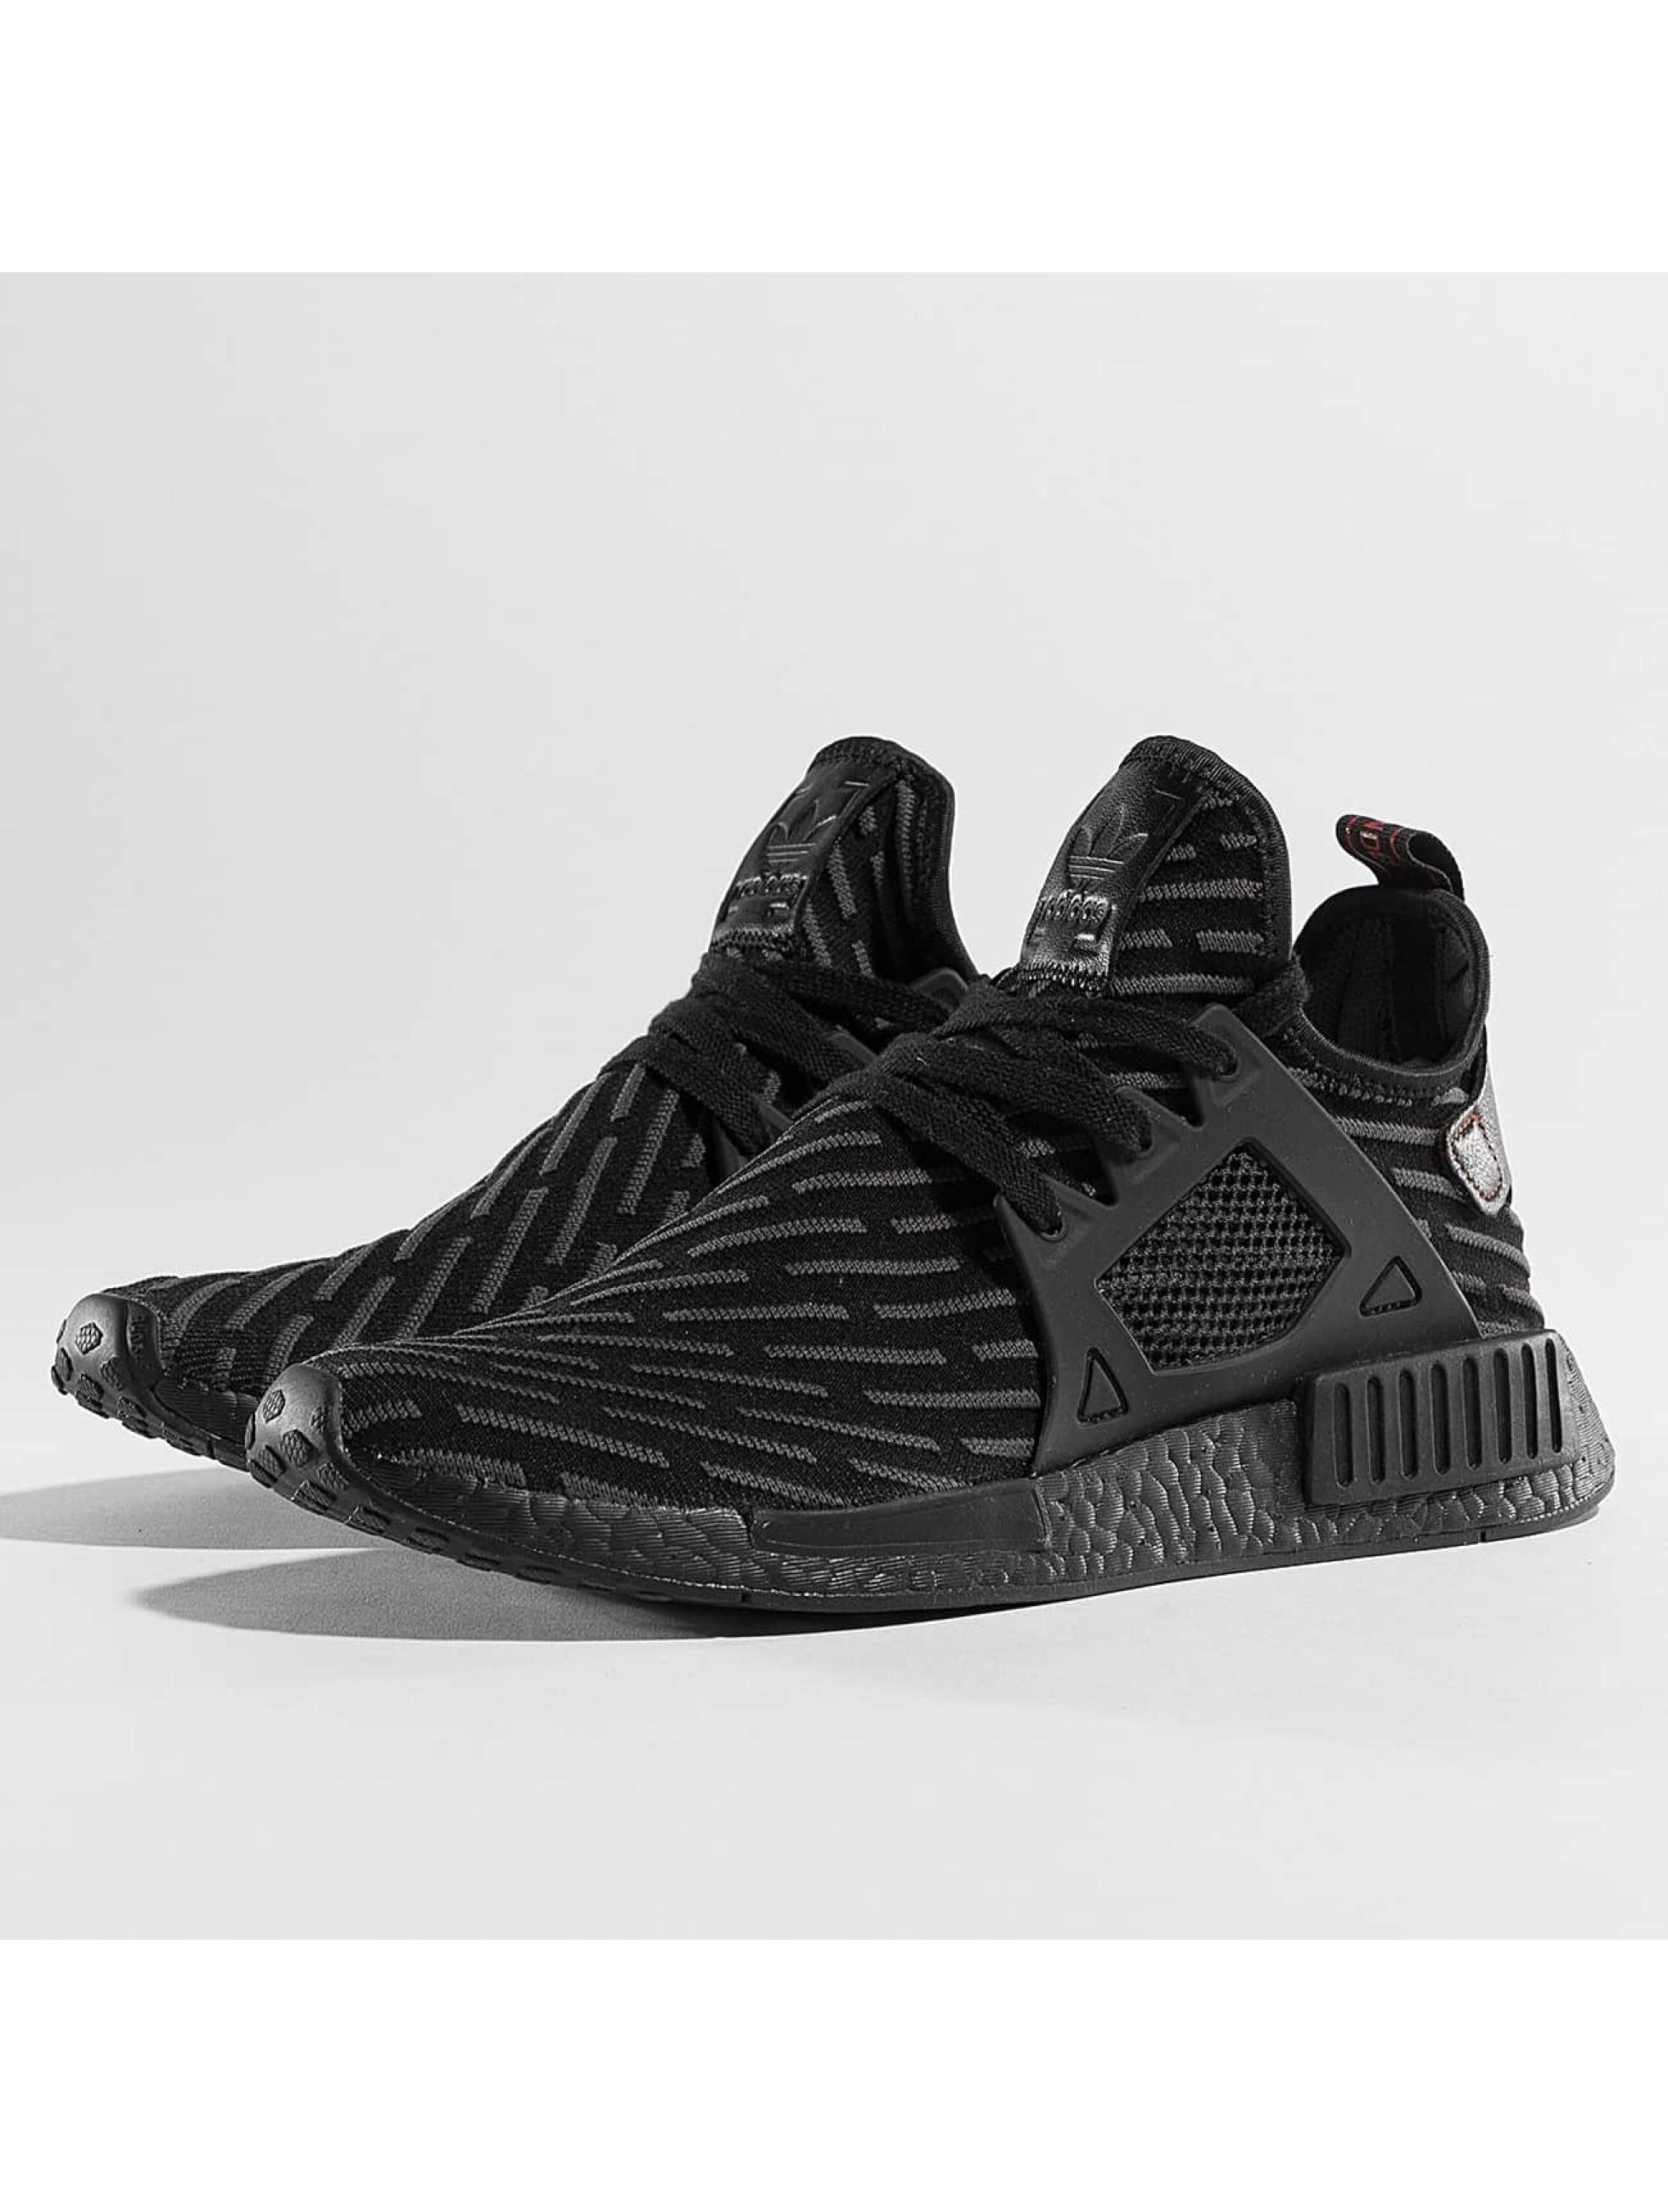 adidas Chaussures / Baskets NMD XR1 Primeknit en noir